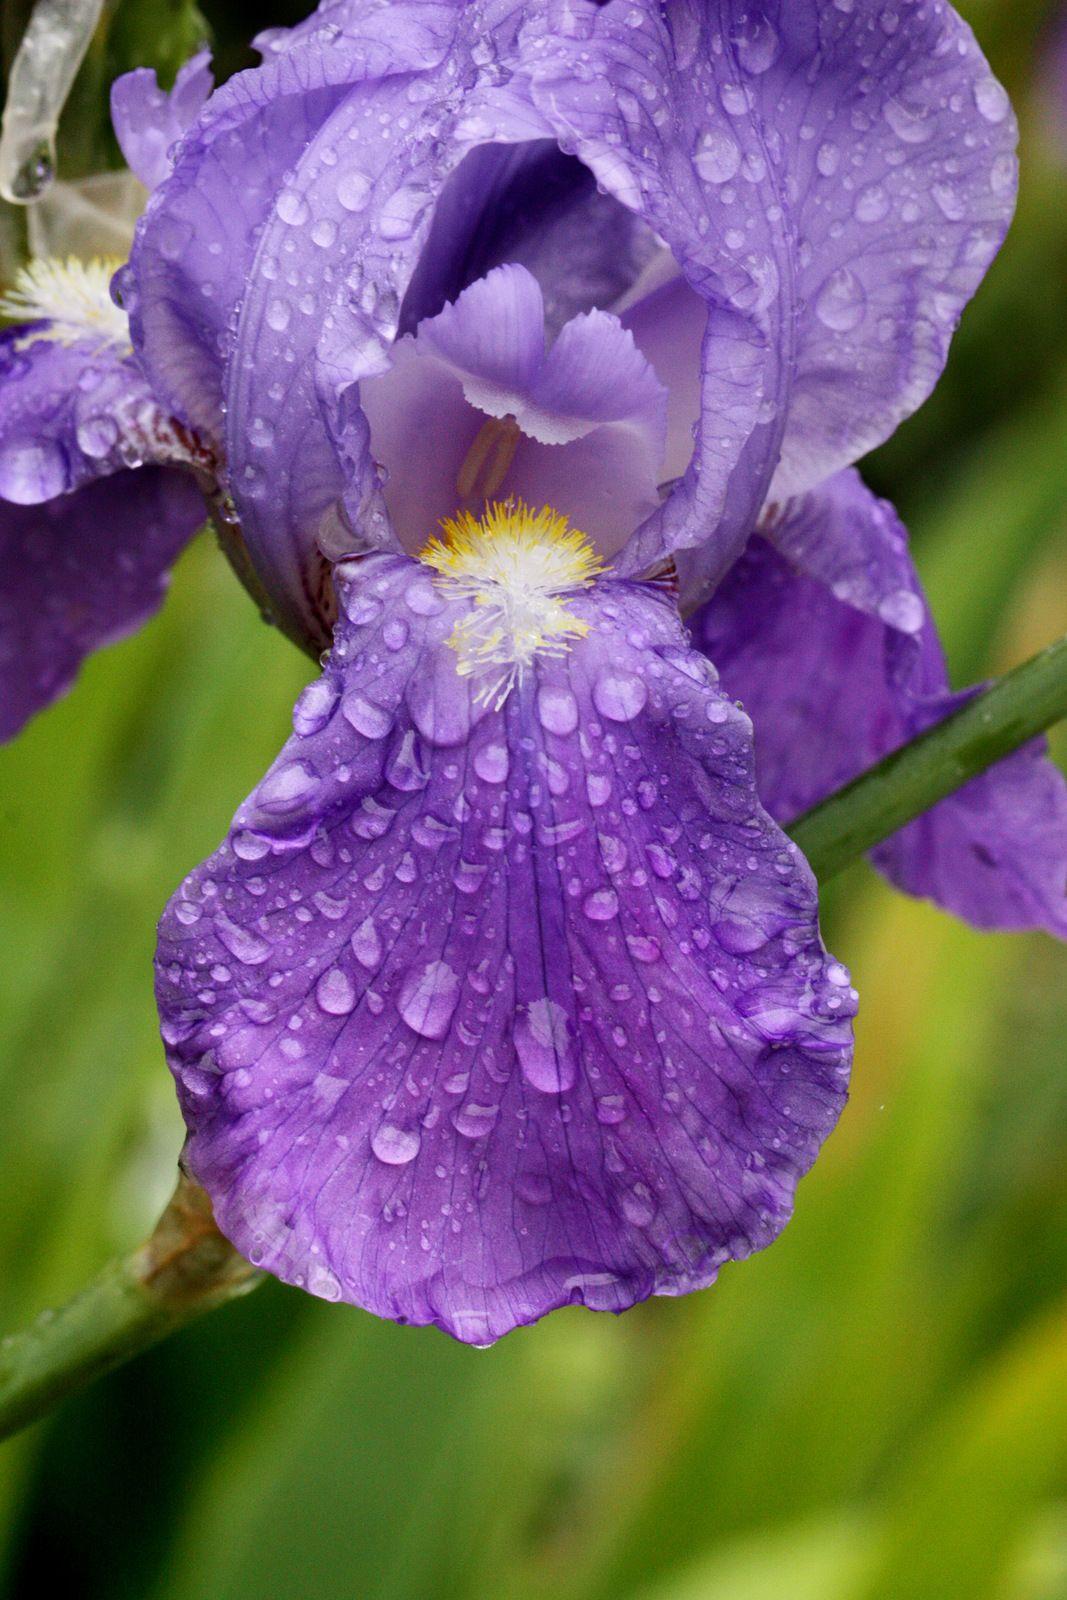 Sourires de la pluie à Crozon. Photographie lavieb-aile 28 avril 2020.